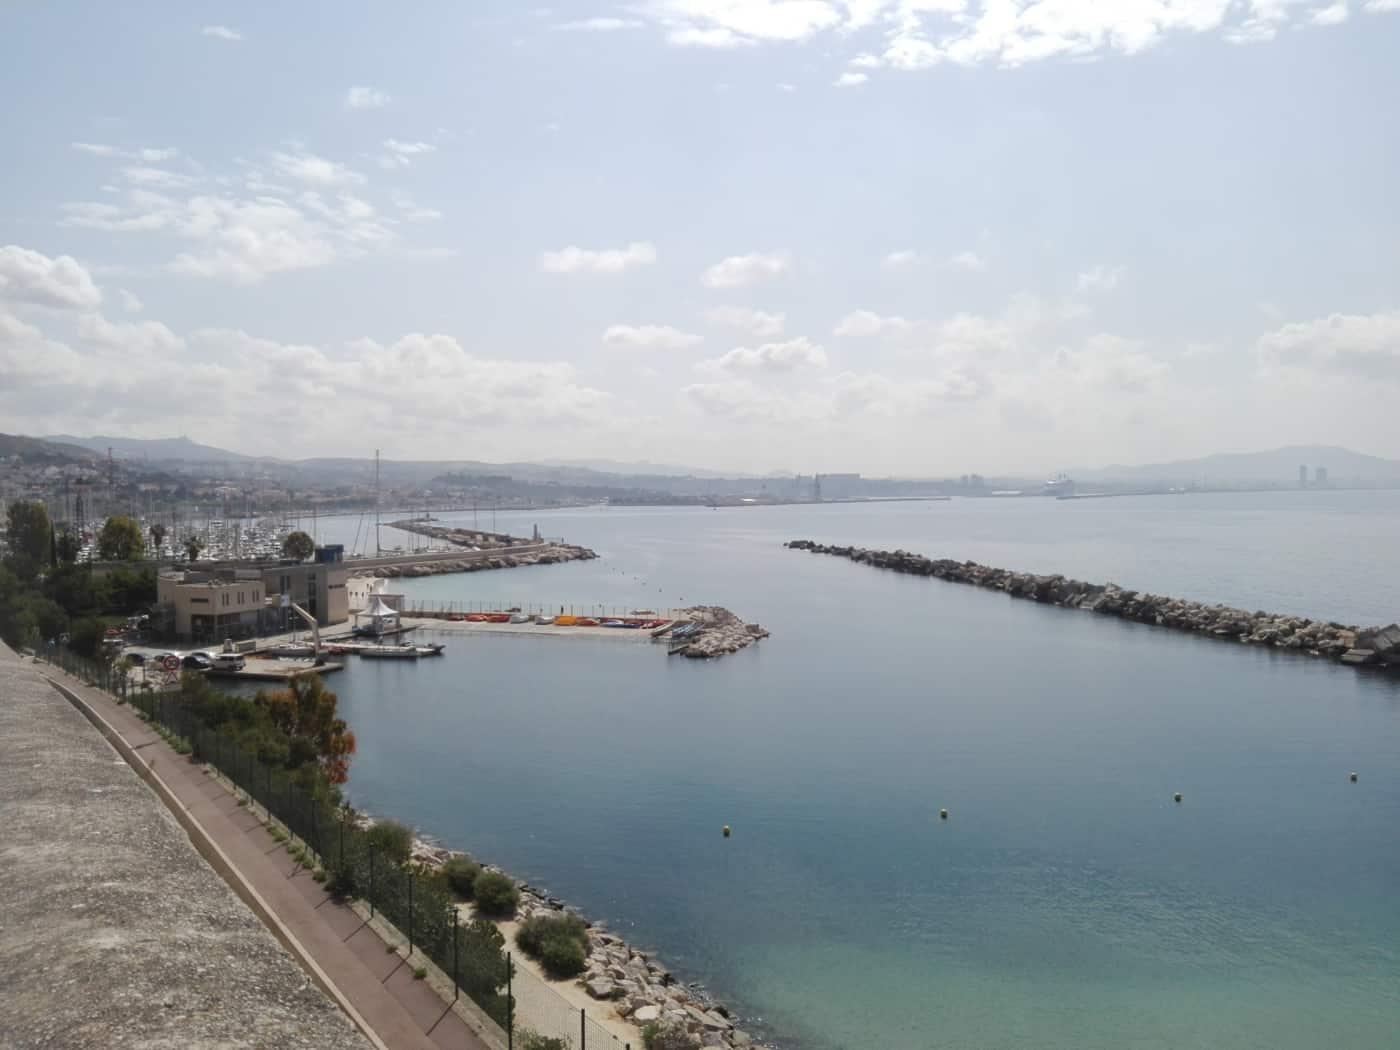 , L'avenir du littoral marseillais se dessine à l'Estaque : port de Corbières, quai de la Lave…, Made in Marseille